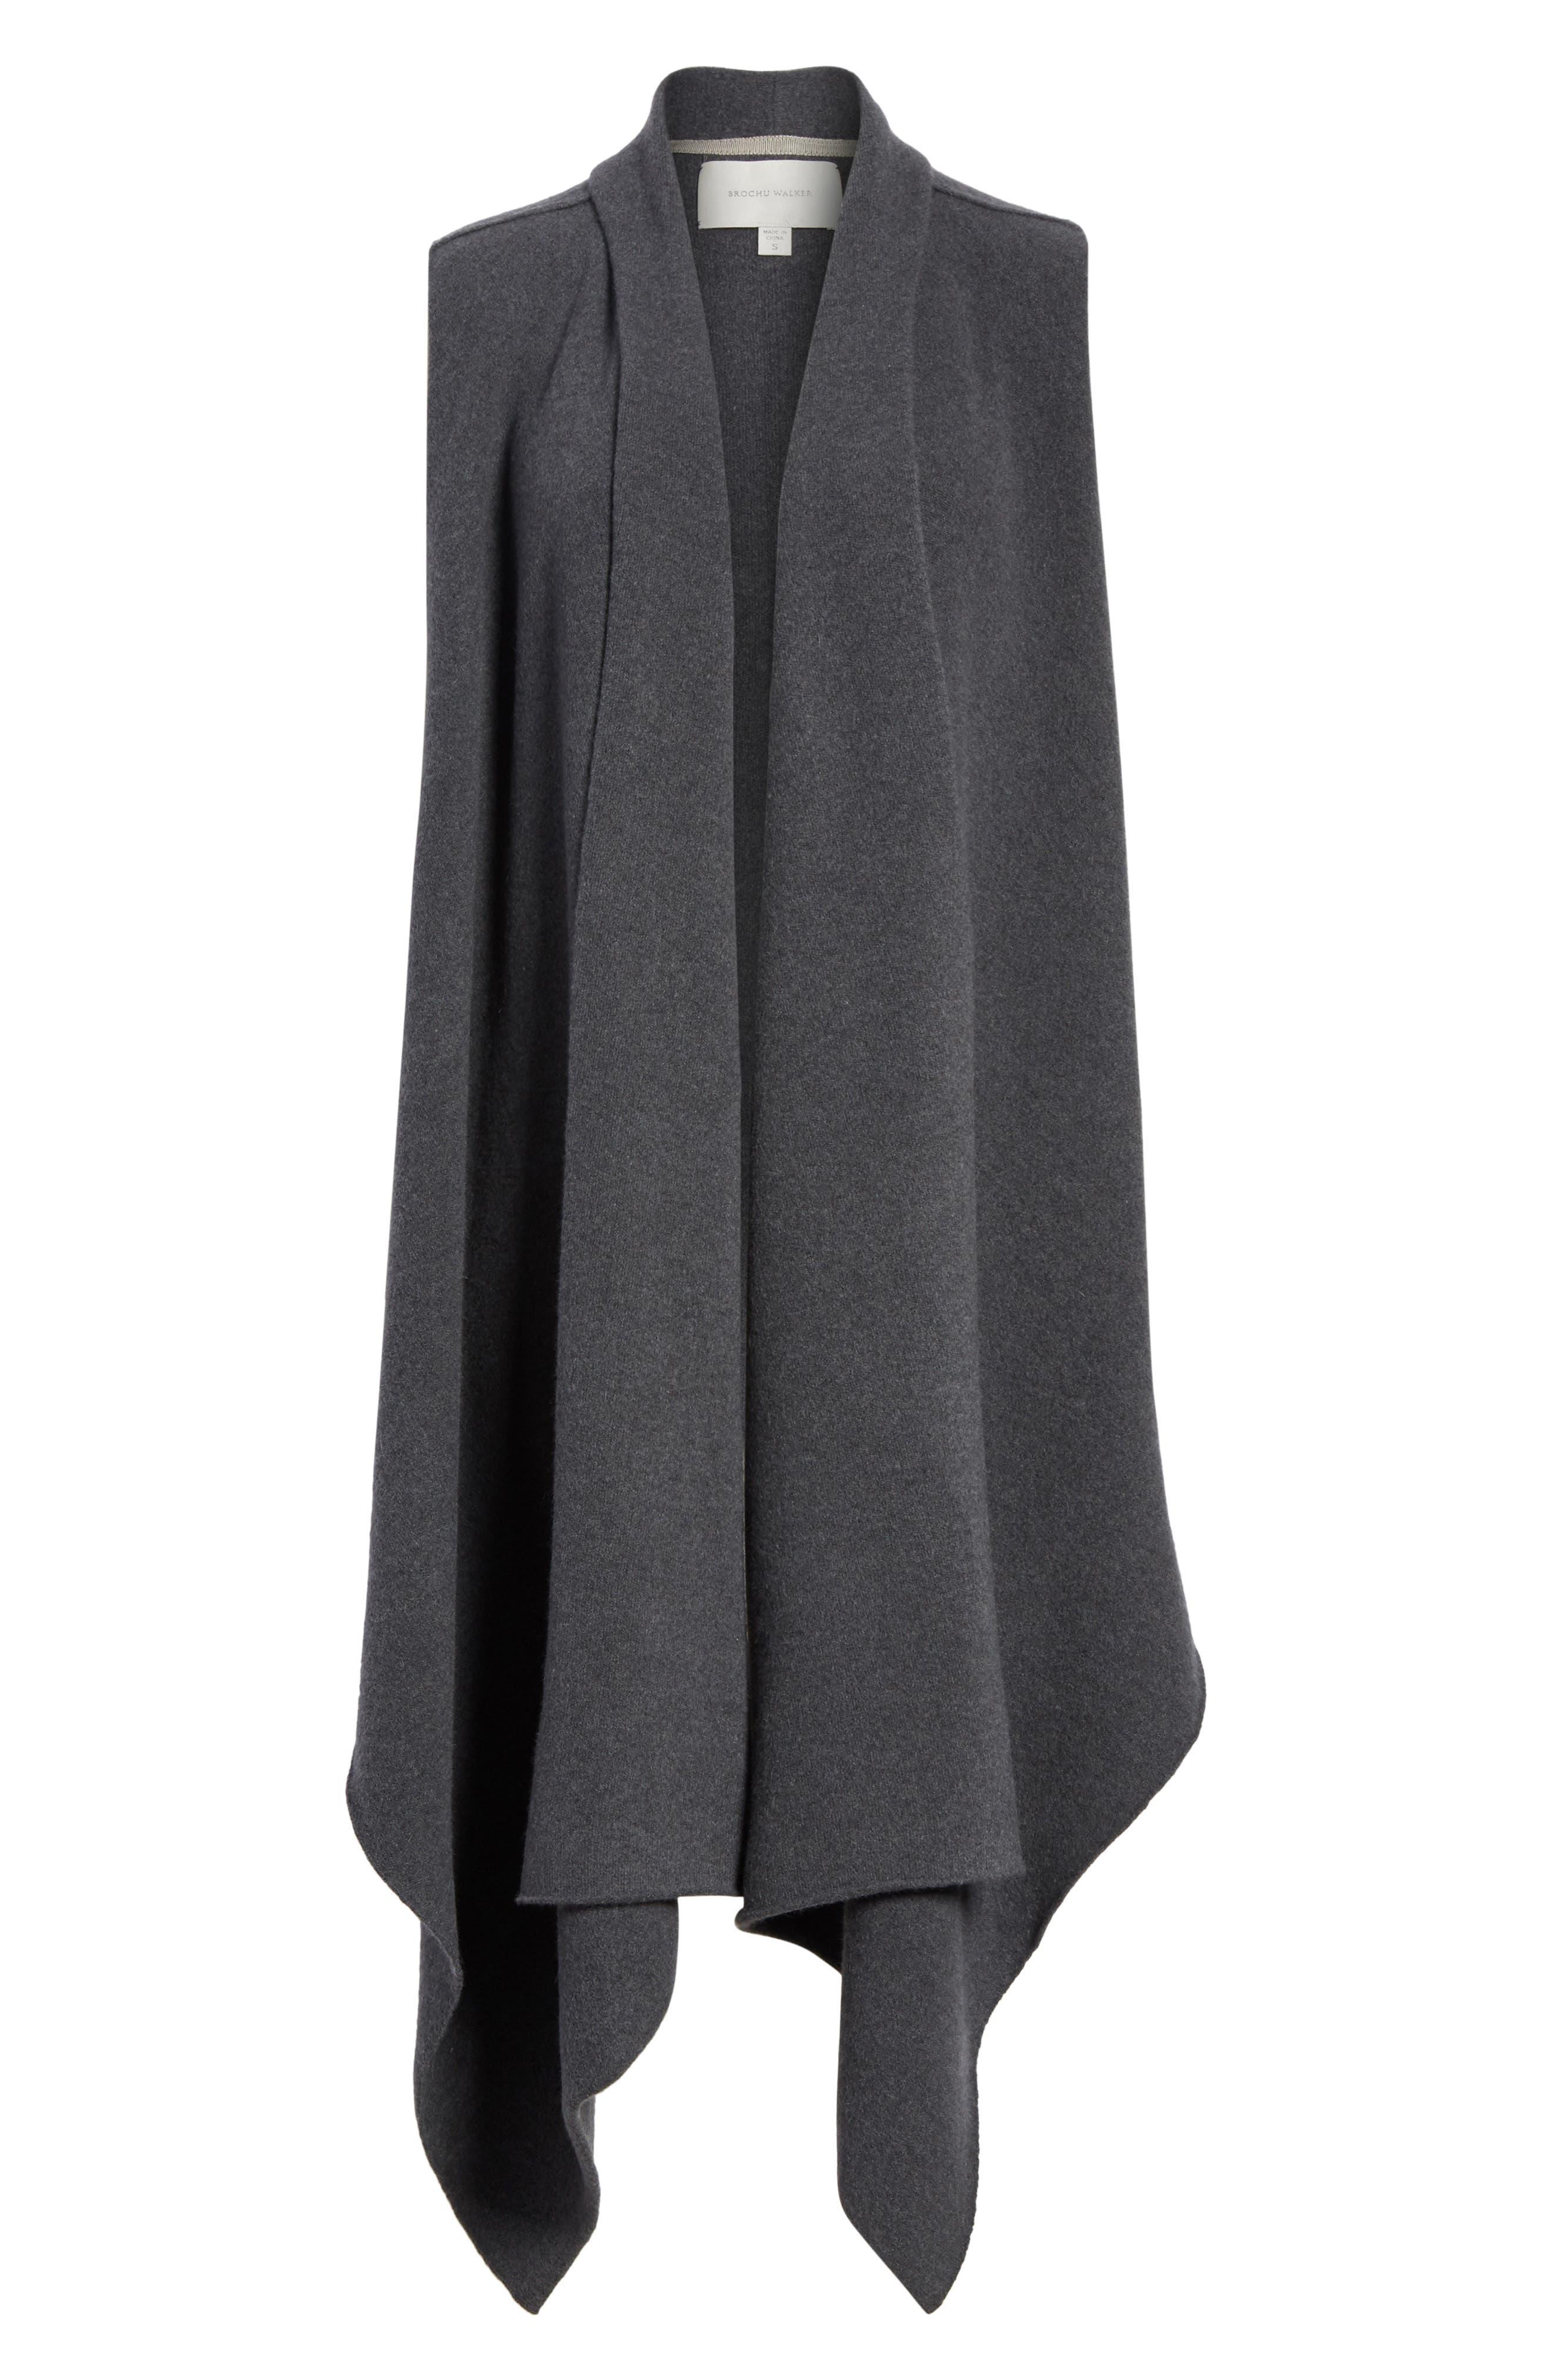 Sorin Merino Wool Blend Wrap Vest,                             Alternate thumbnail 6, color,                             020